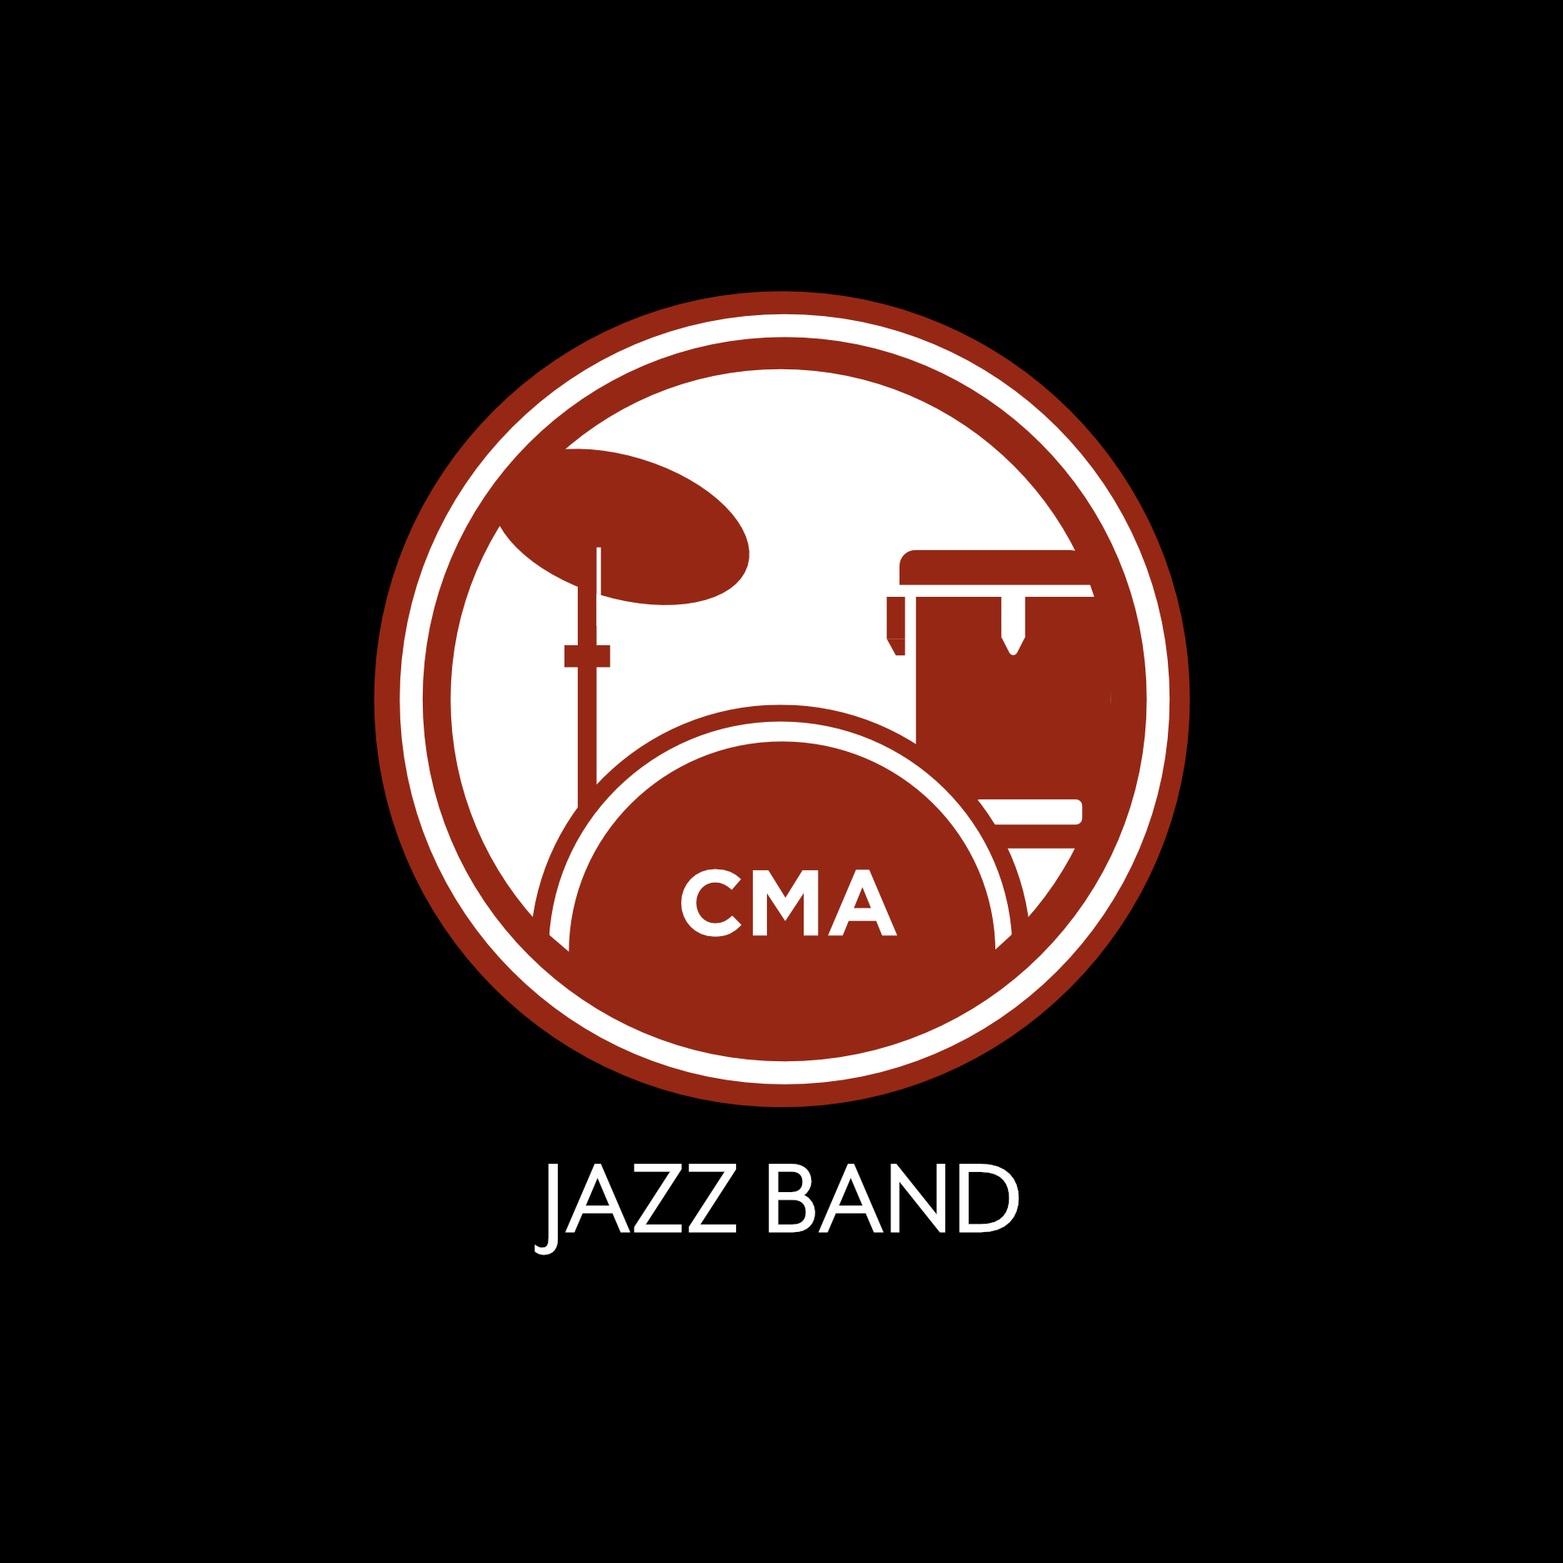 CMA+Jazz+Band+Logo.jpg